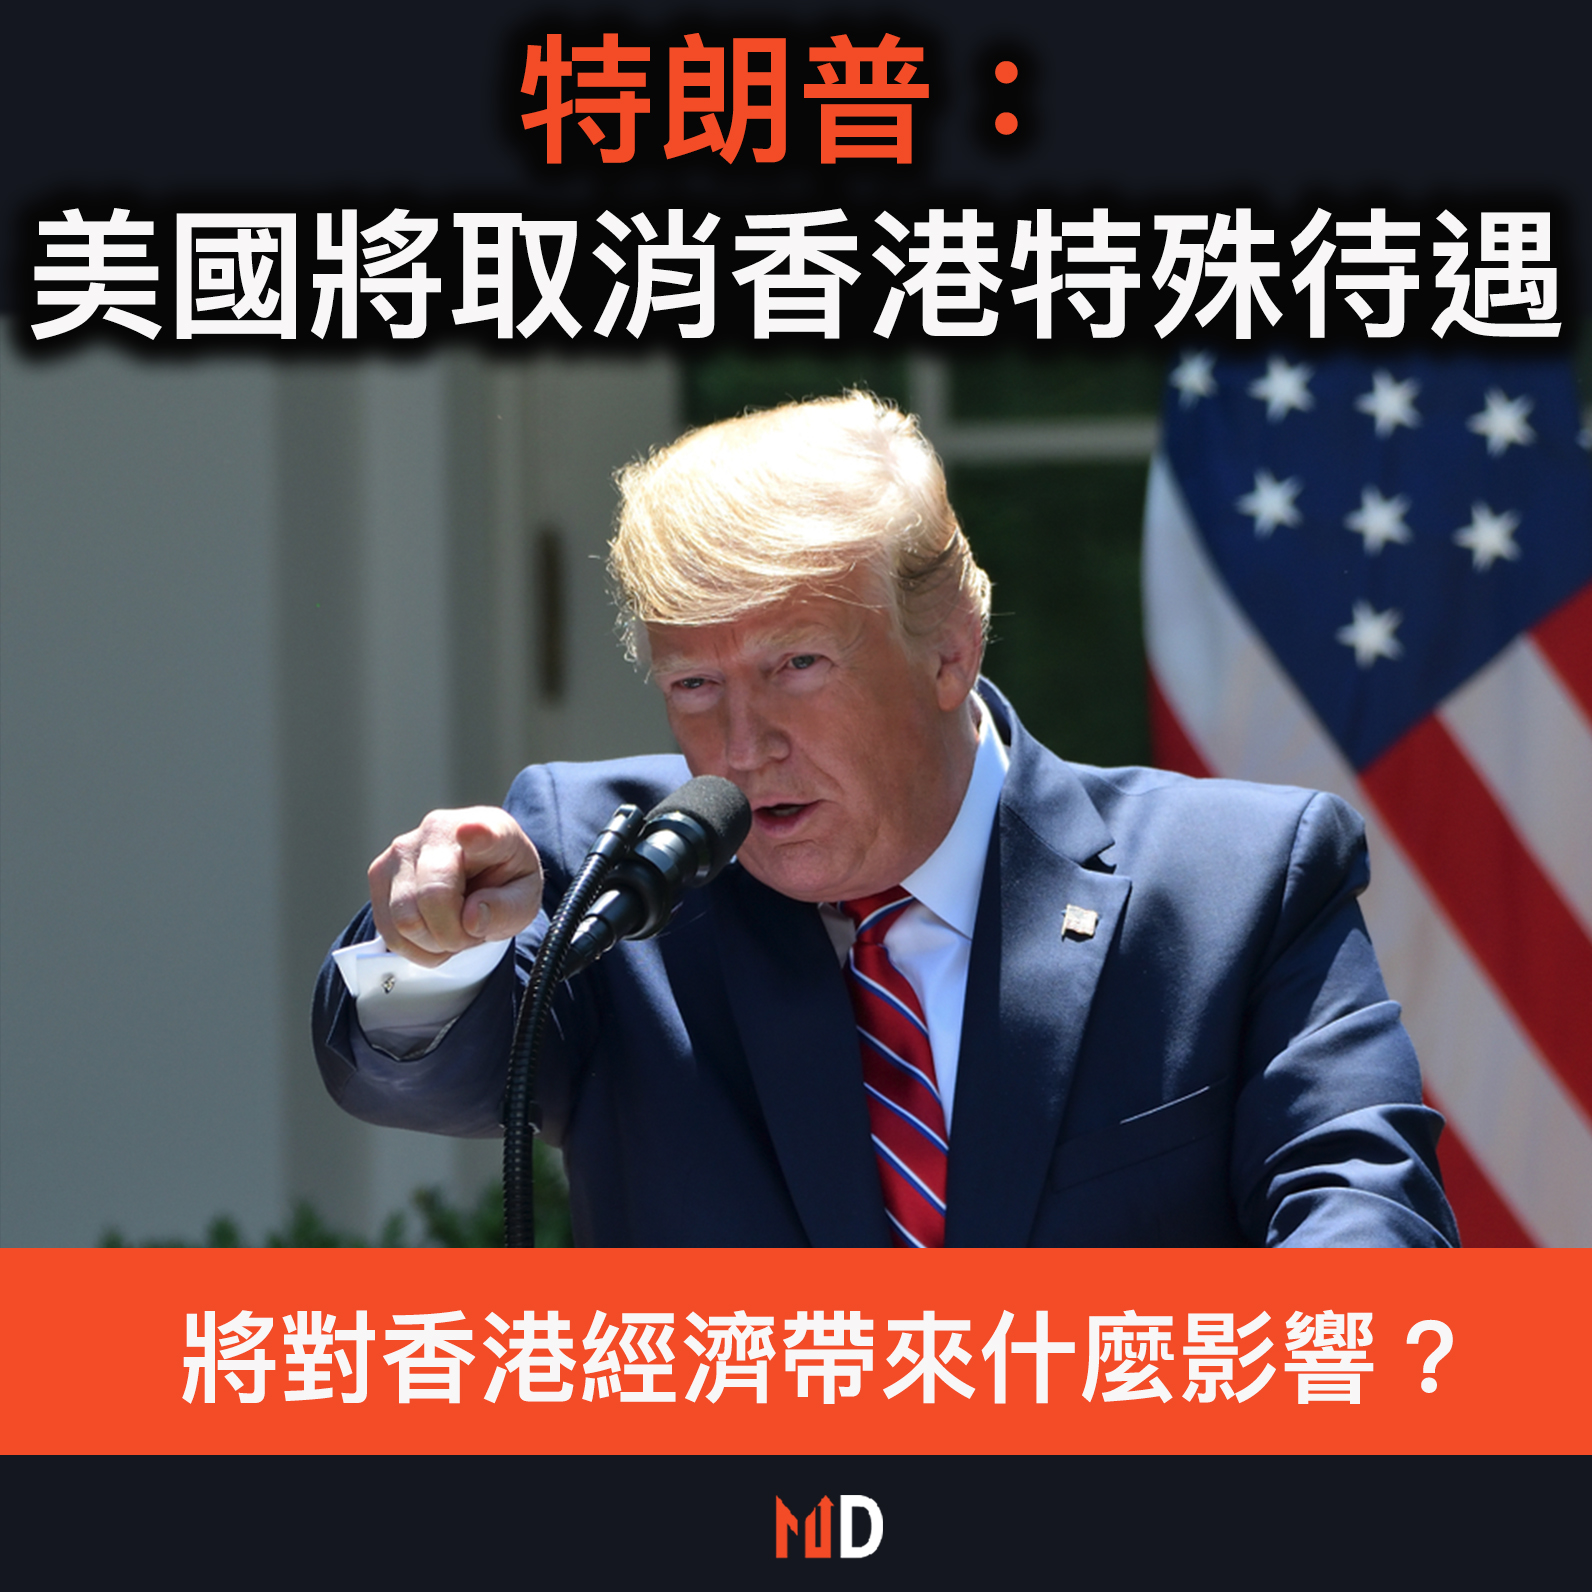 【市場熱話】特朗普:美國將啟動行動取消香港特殊待遇